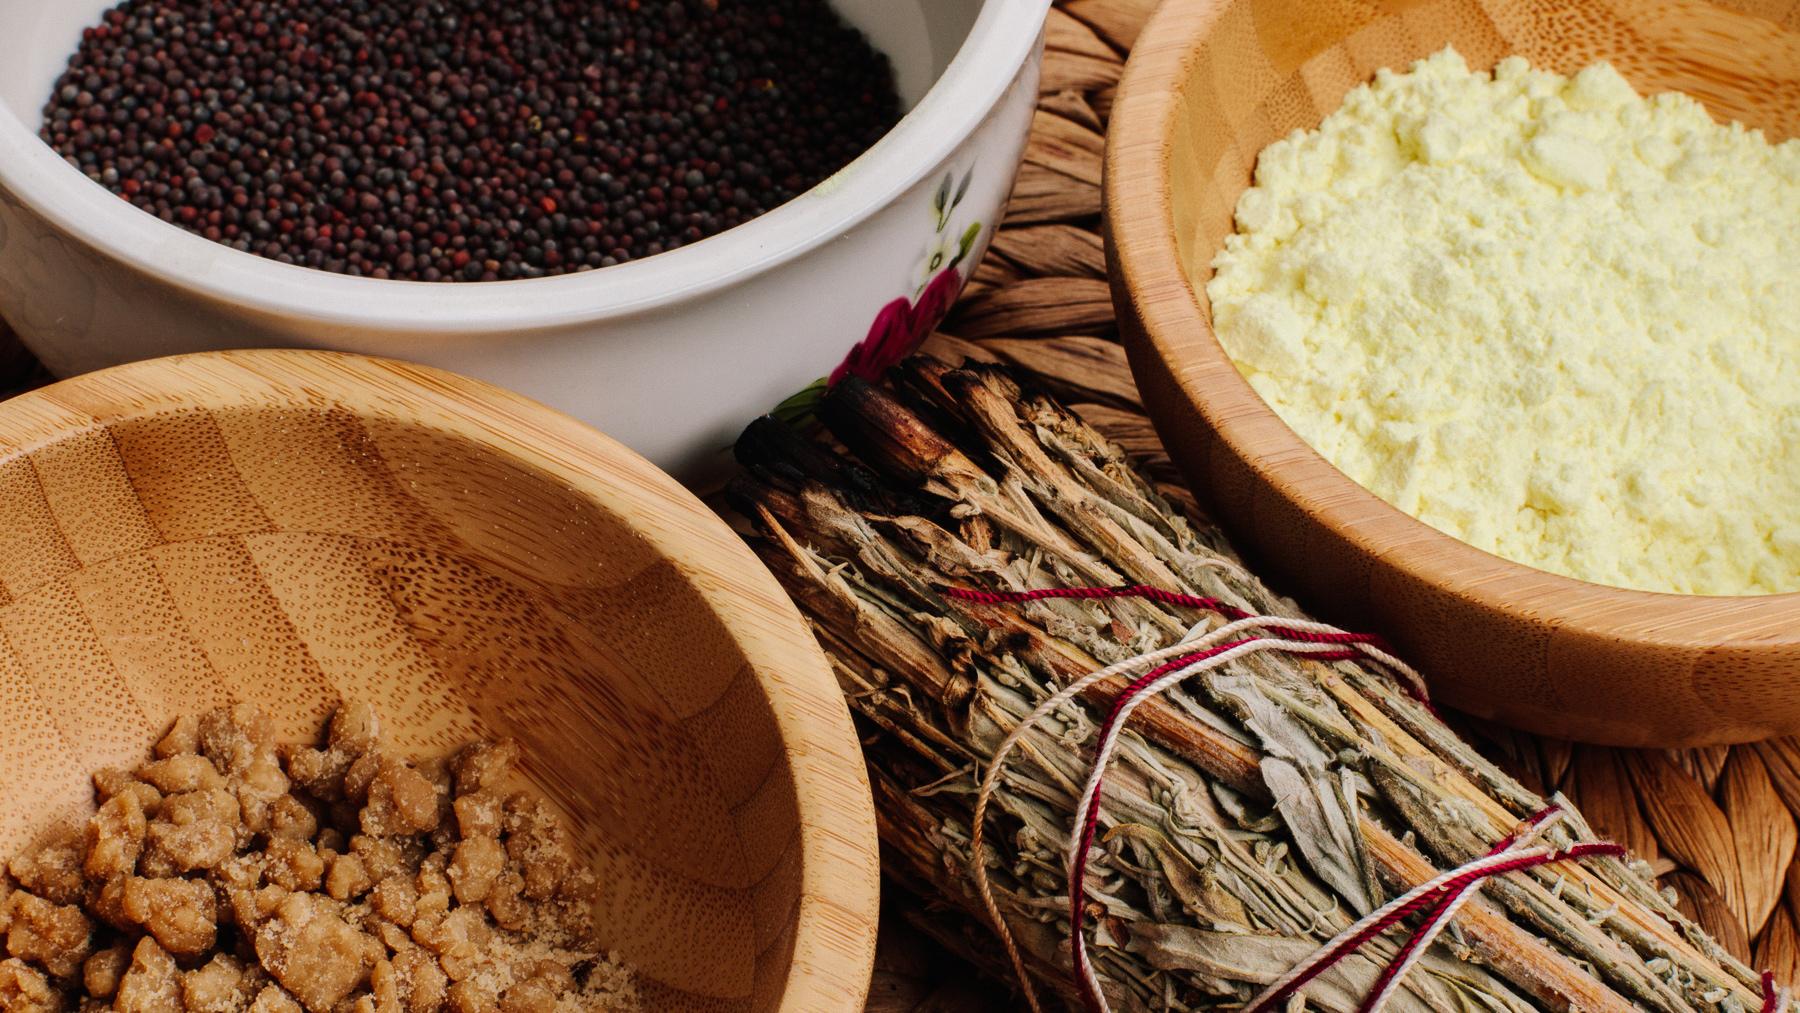 Mustard seeds, asafoetida, sulfur, sage